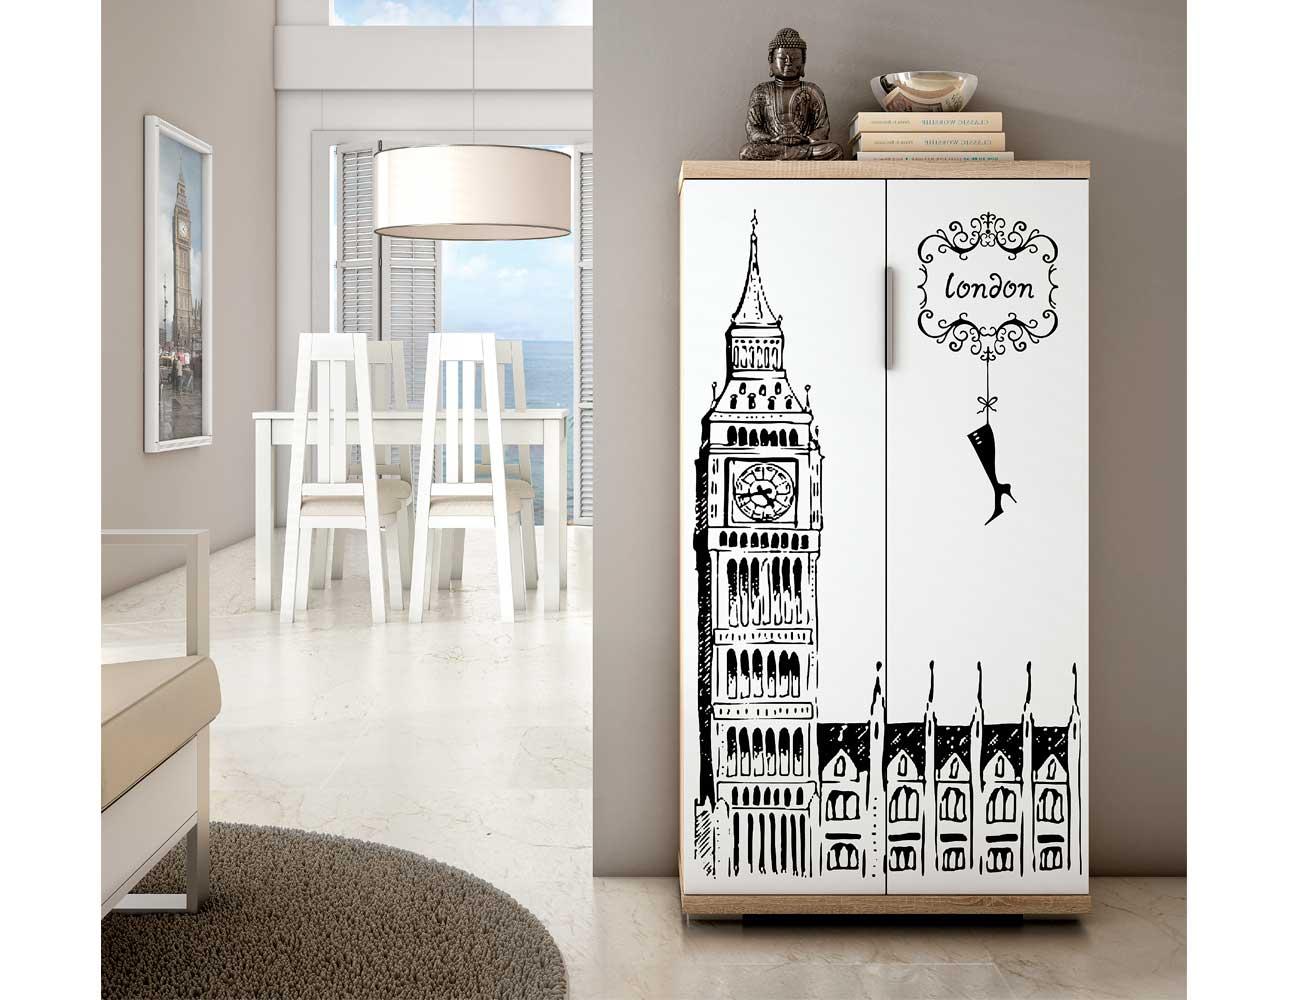 Mueble zapatero dos puertas cambrian london